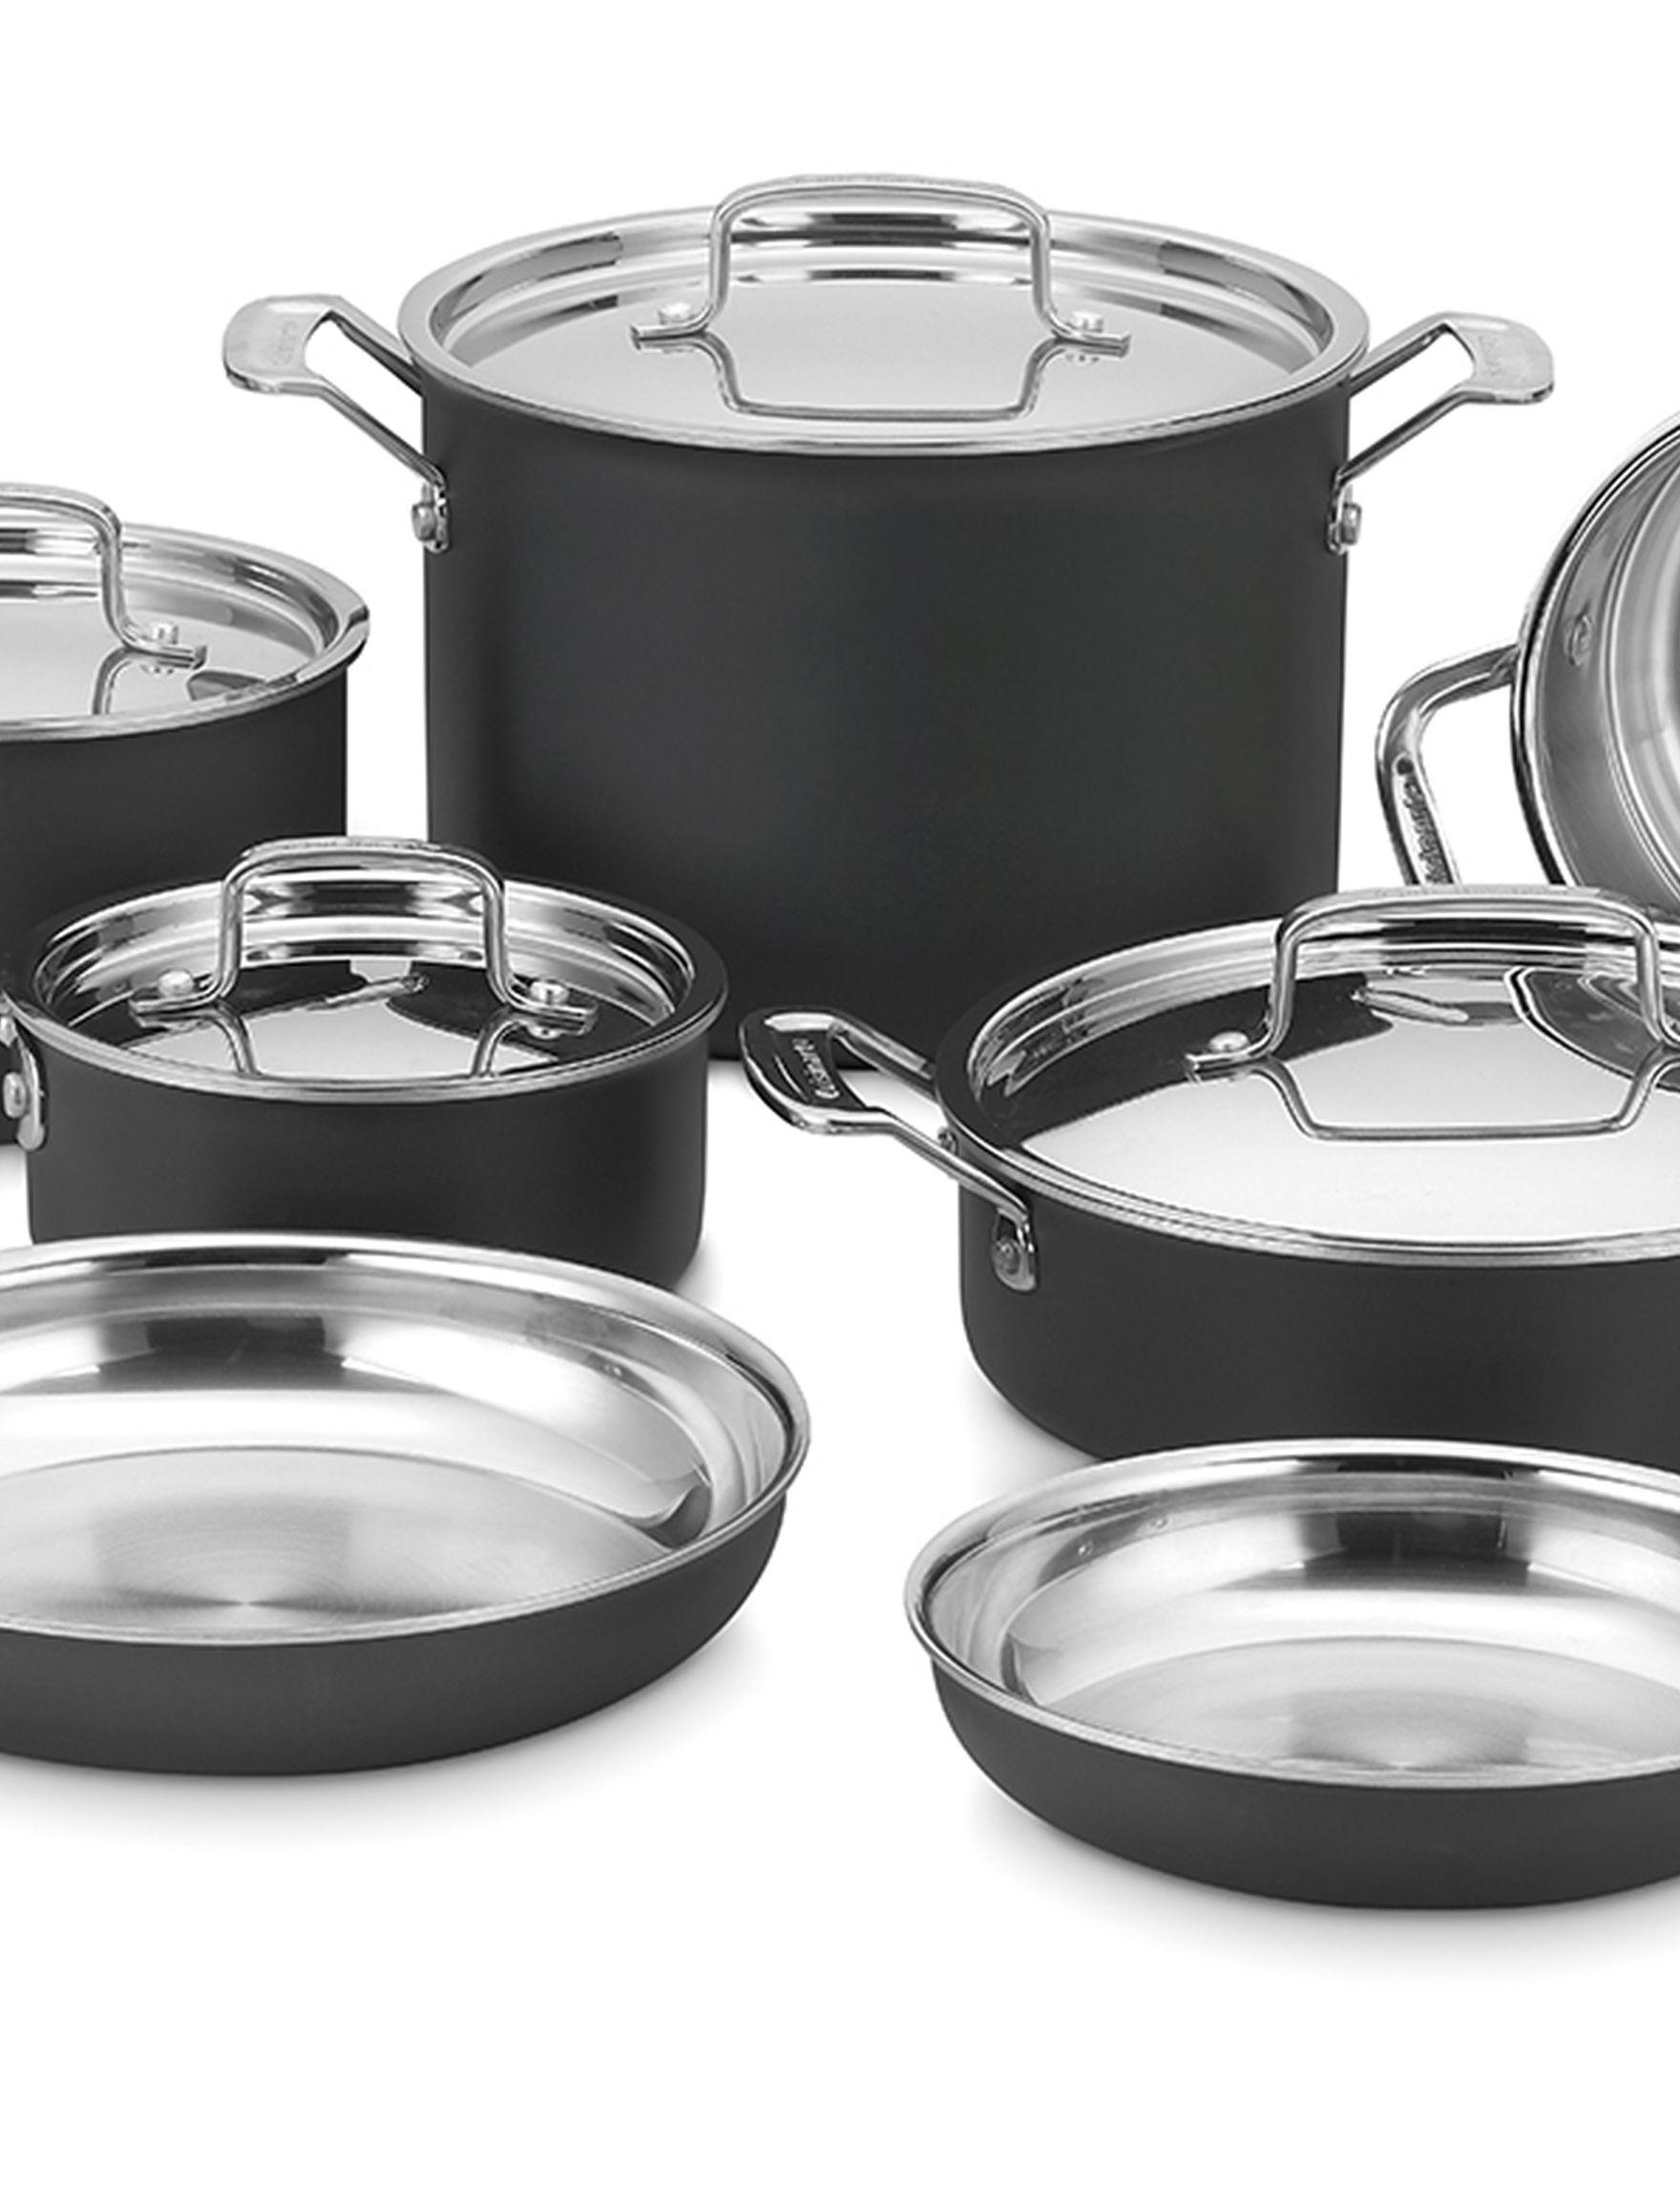 Cuisinart  Cookware Sets Cookware